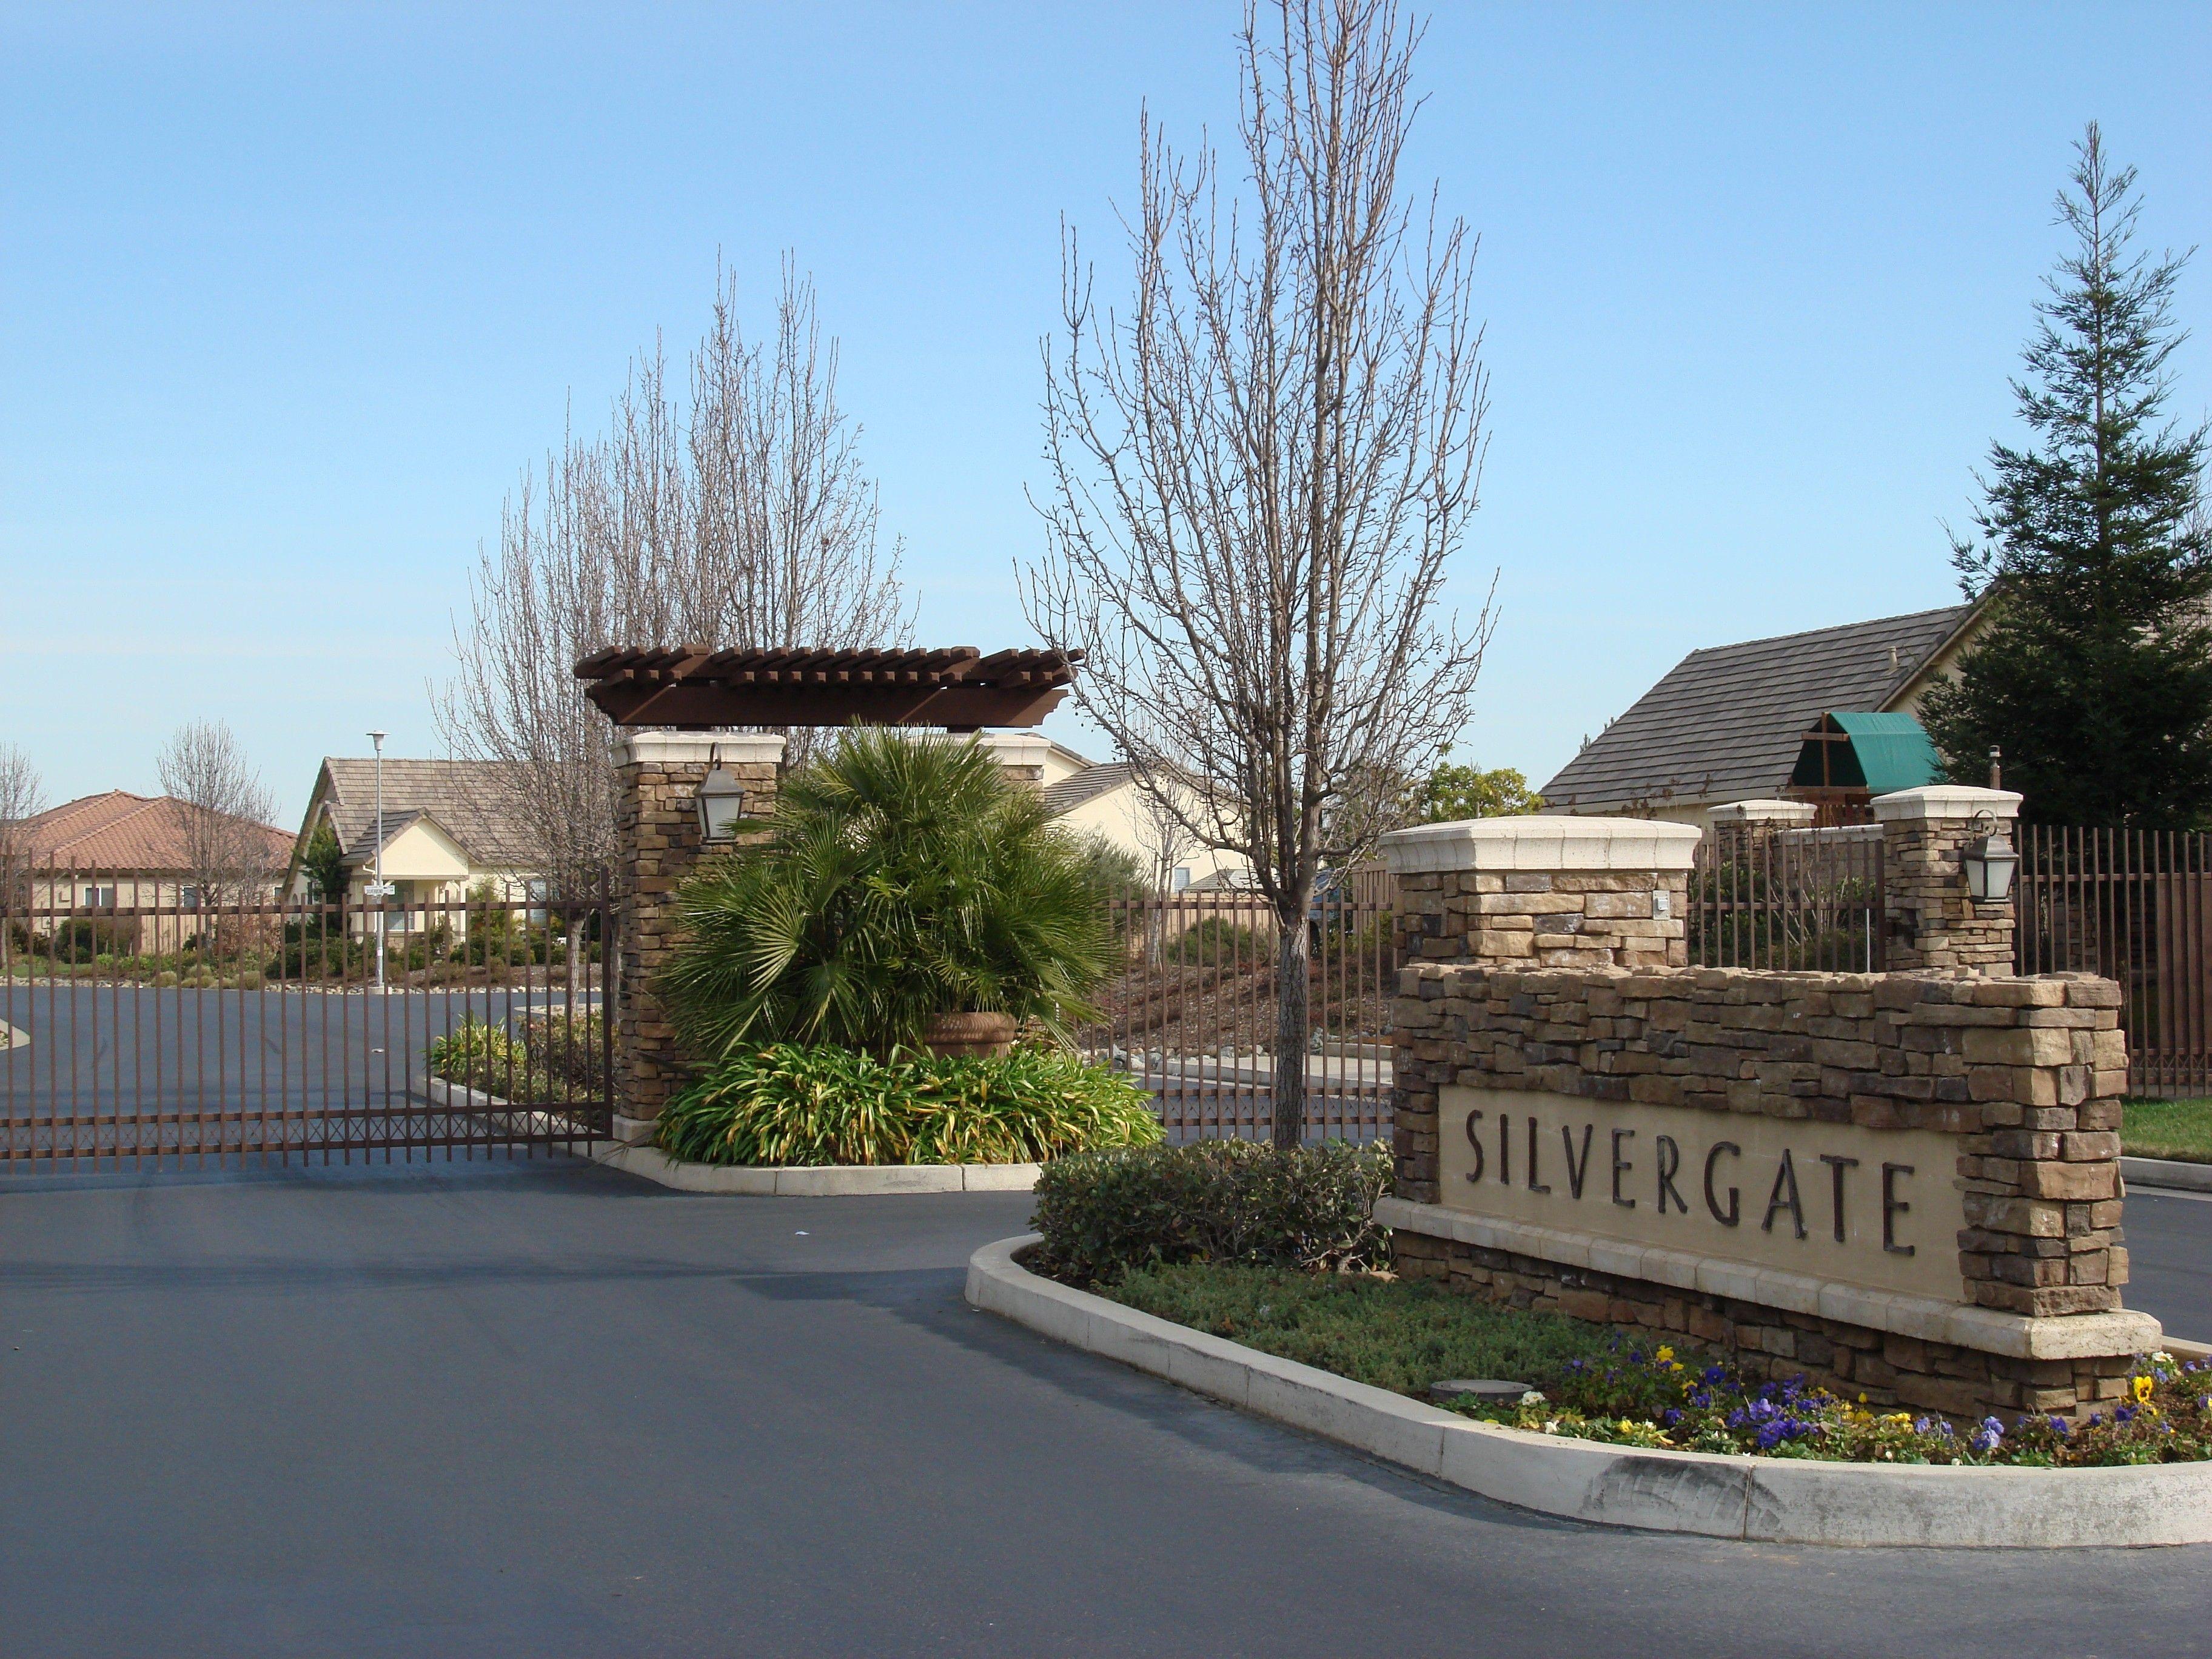 Silvergate Rancho Murieta The Neighbourhood Mckinley Park